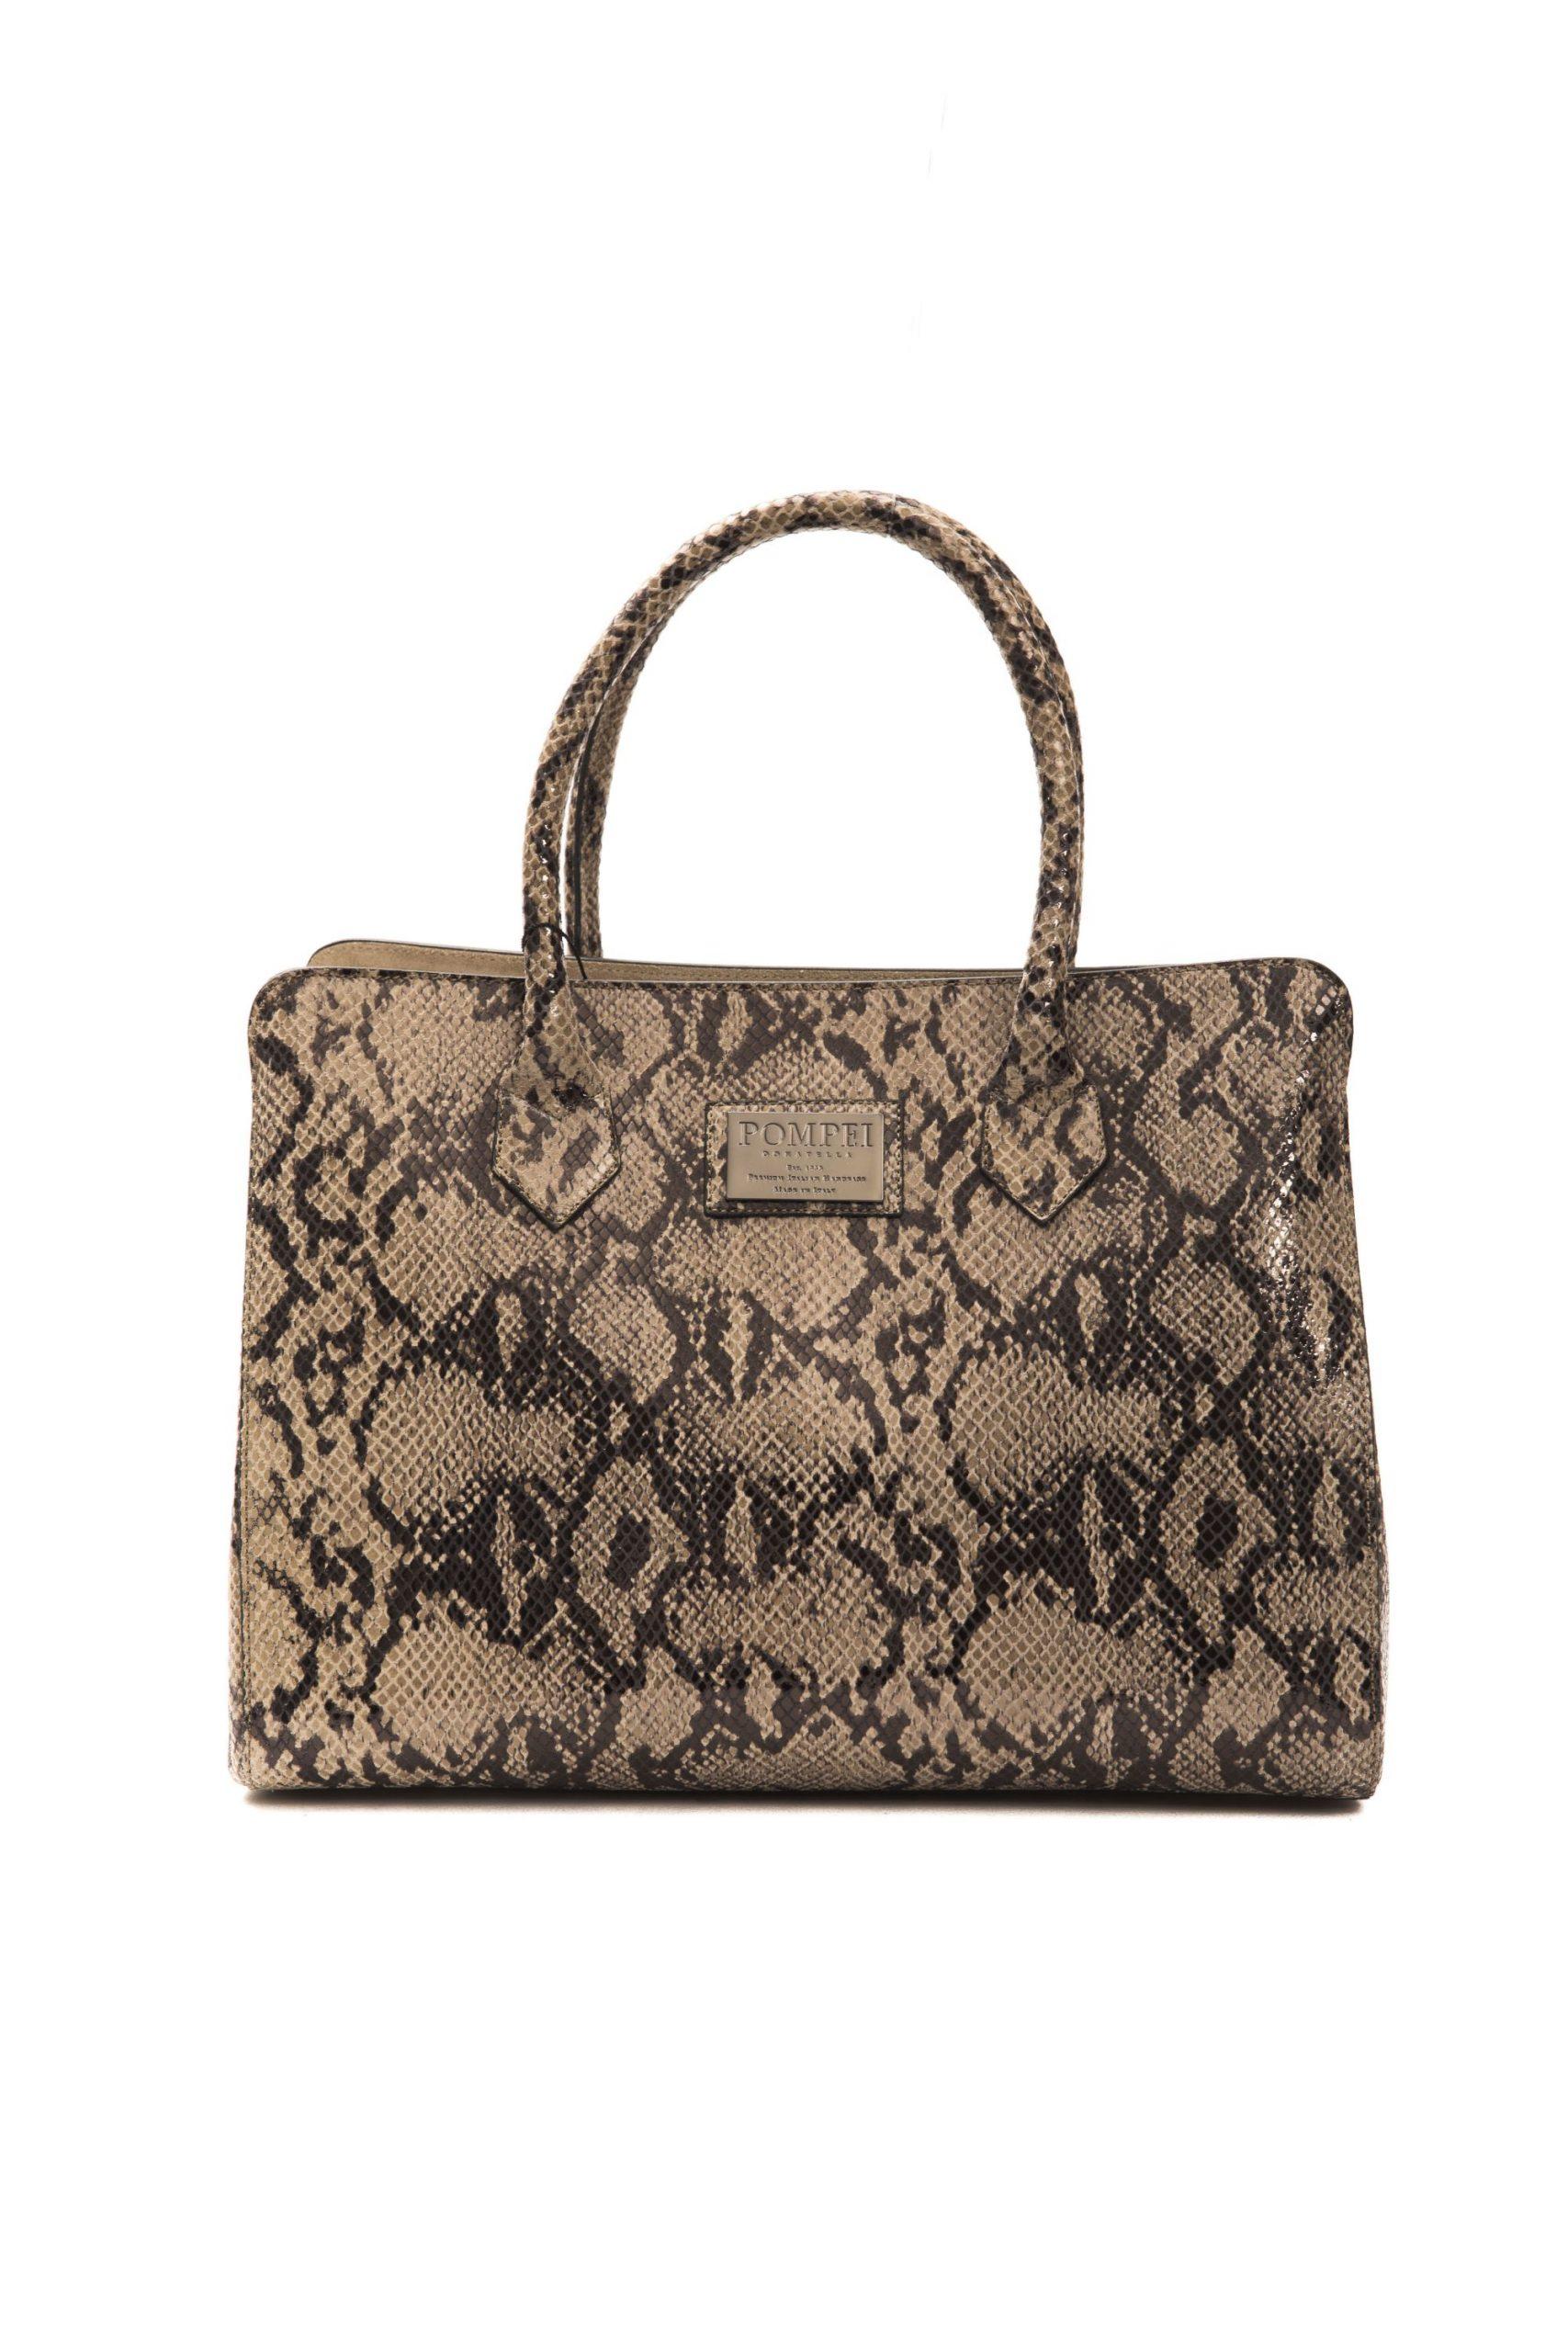 Pompei Donatella Women's Handbag Brown PO667810